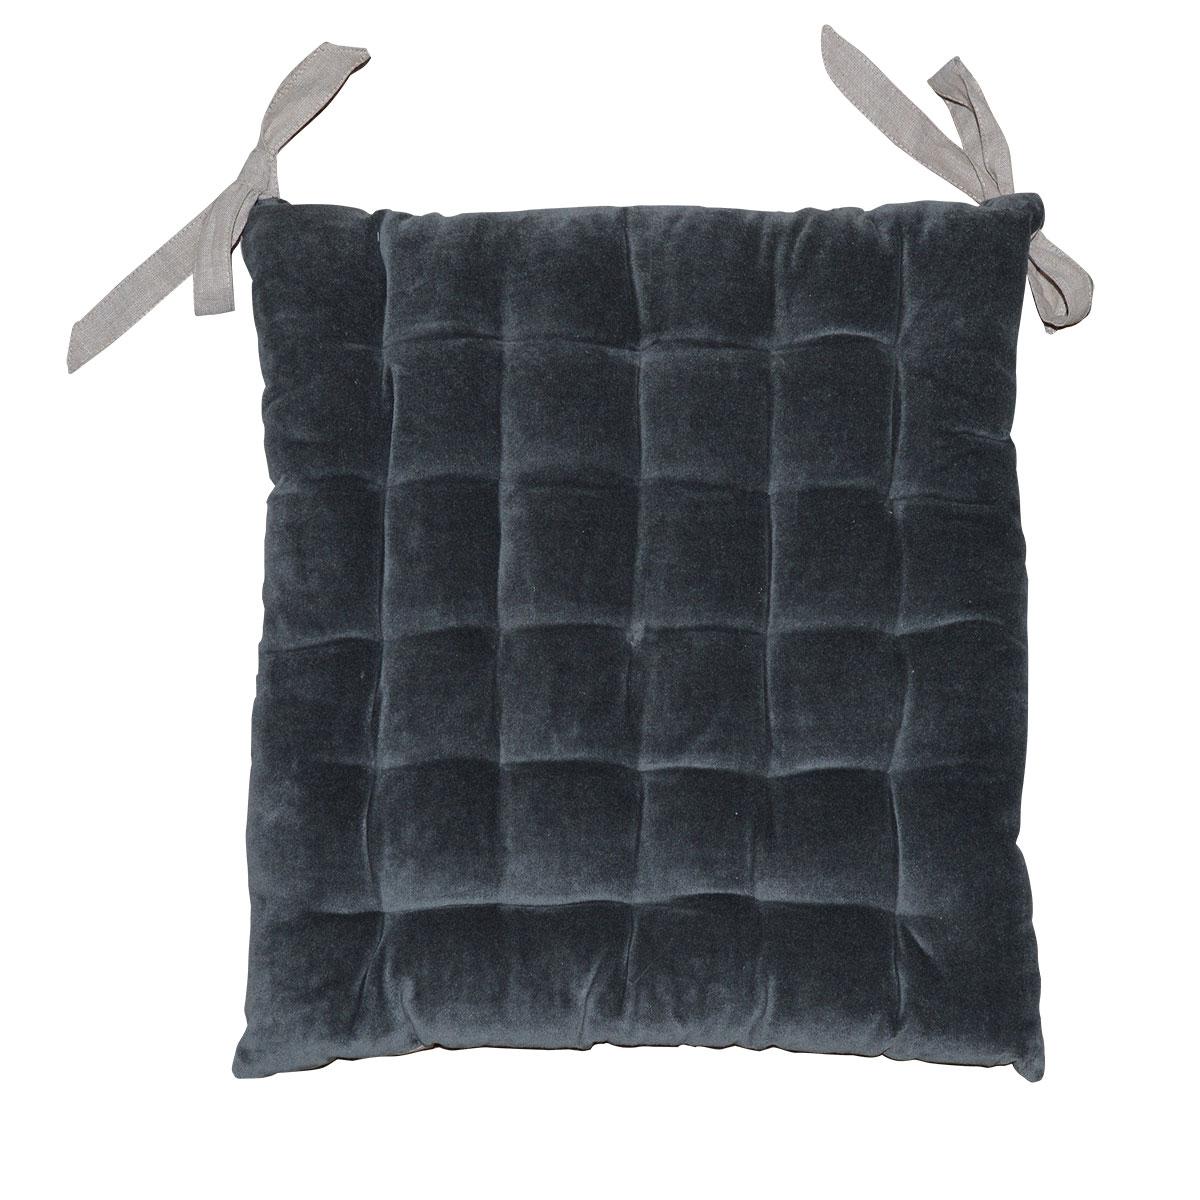 Galette de chaise à effet velours coton anthracite 40x40